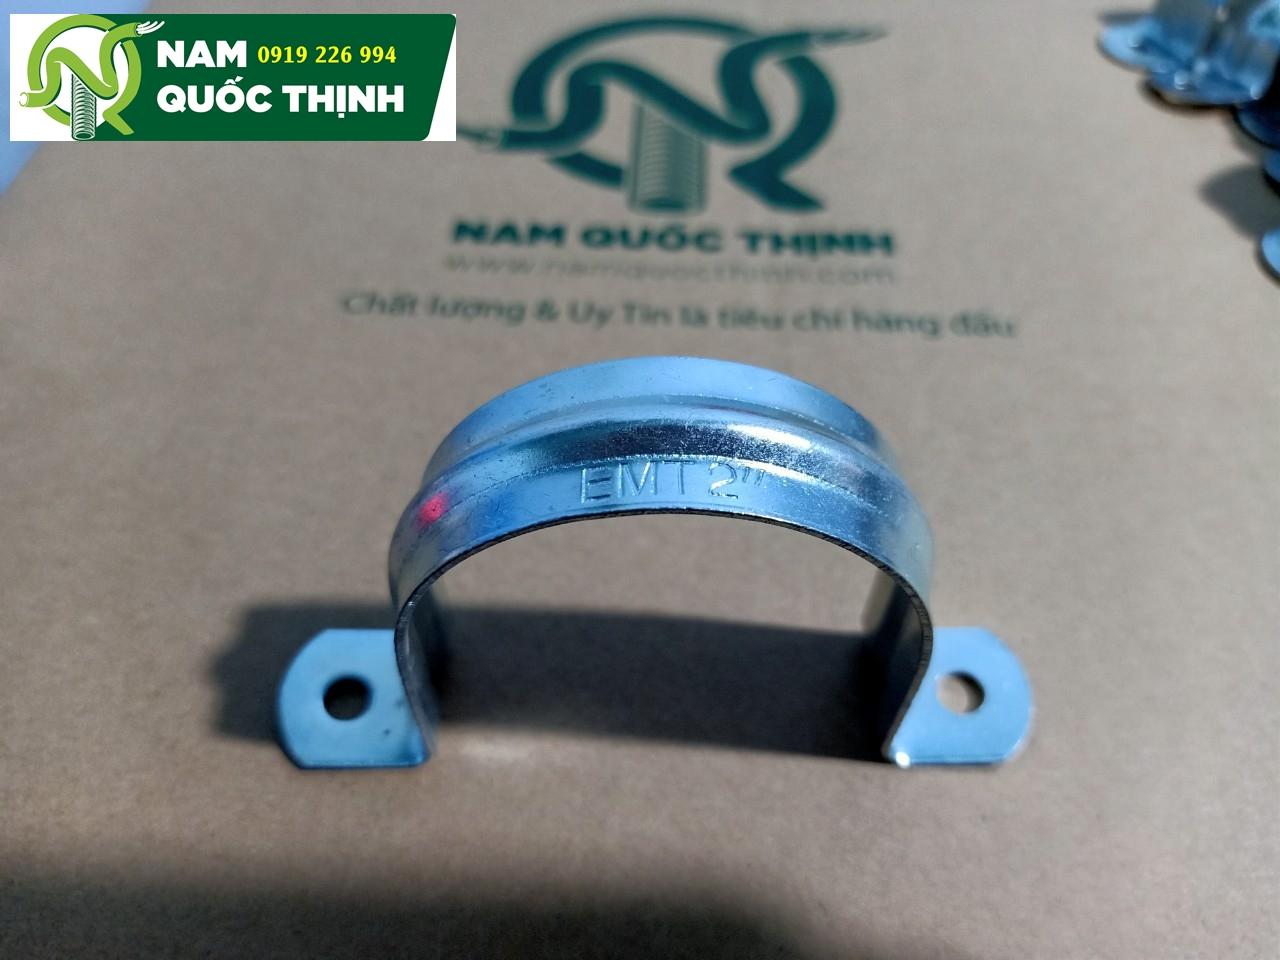 Kẹp omega giữ ống thép luồn dây điện trơn không đế 2